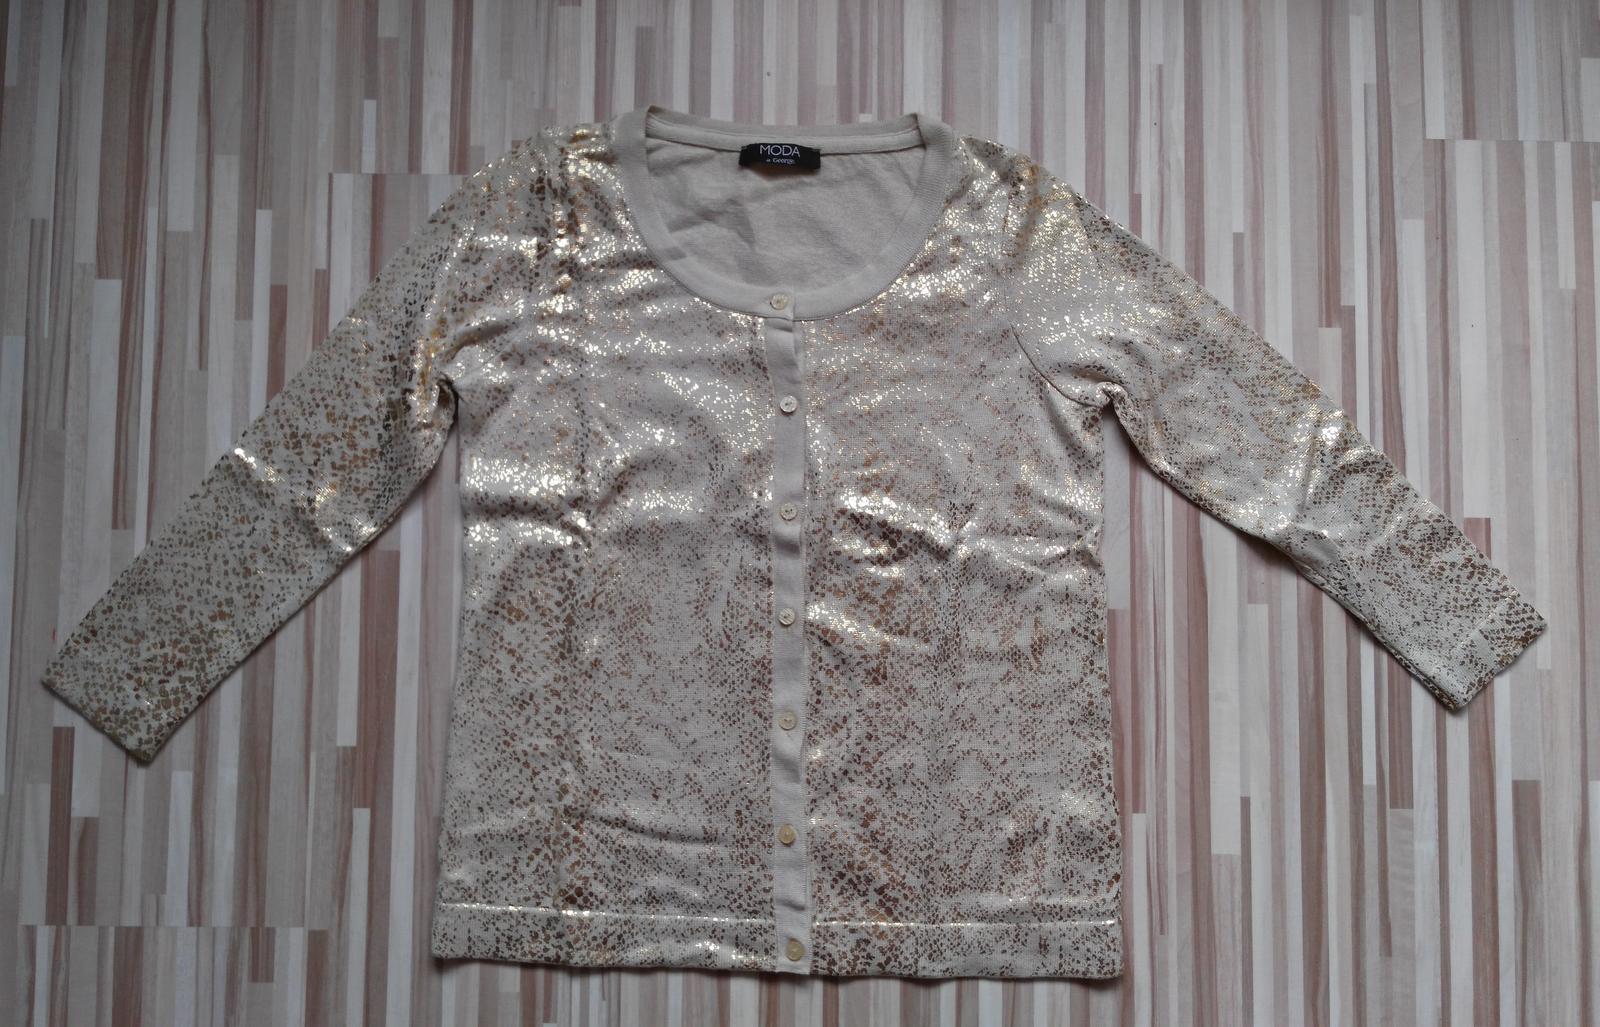 Béžovo-zlatý sveter 38-40 (M-L) - Obrázok č. 4